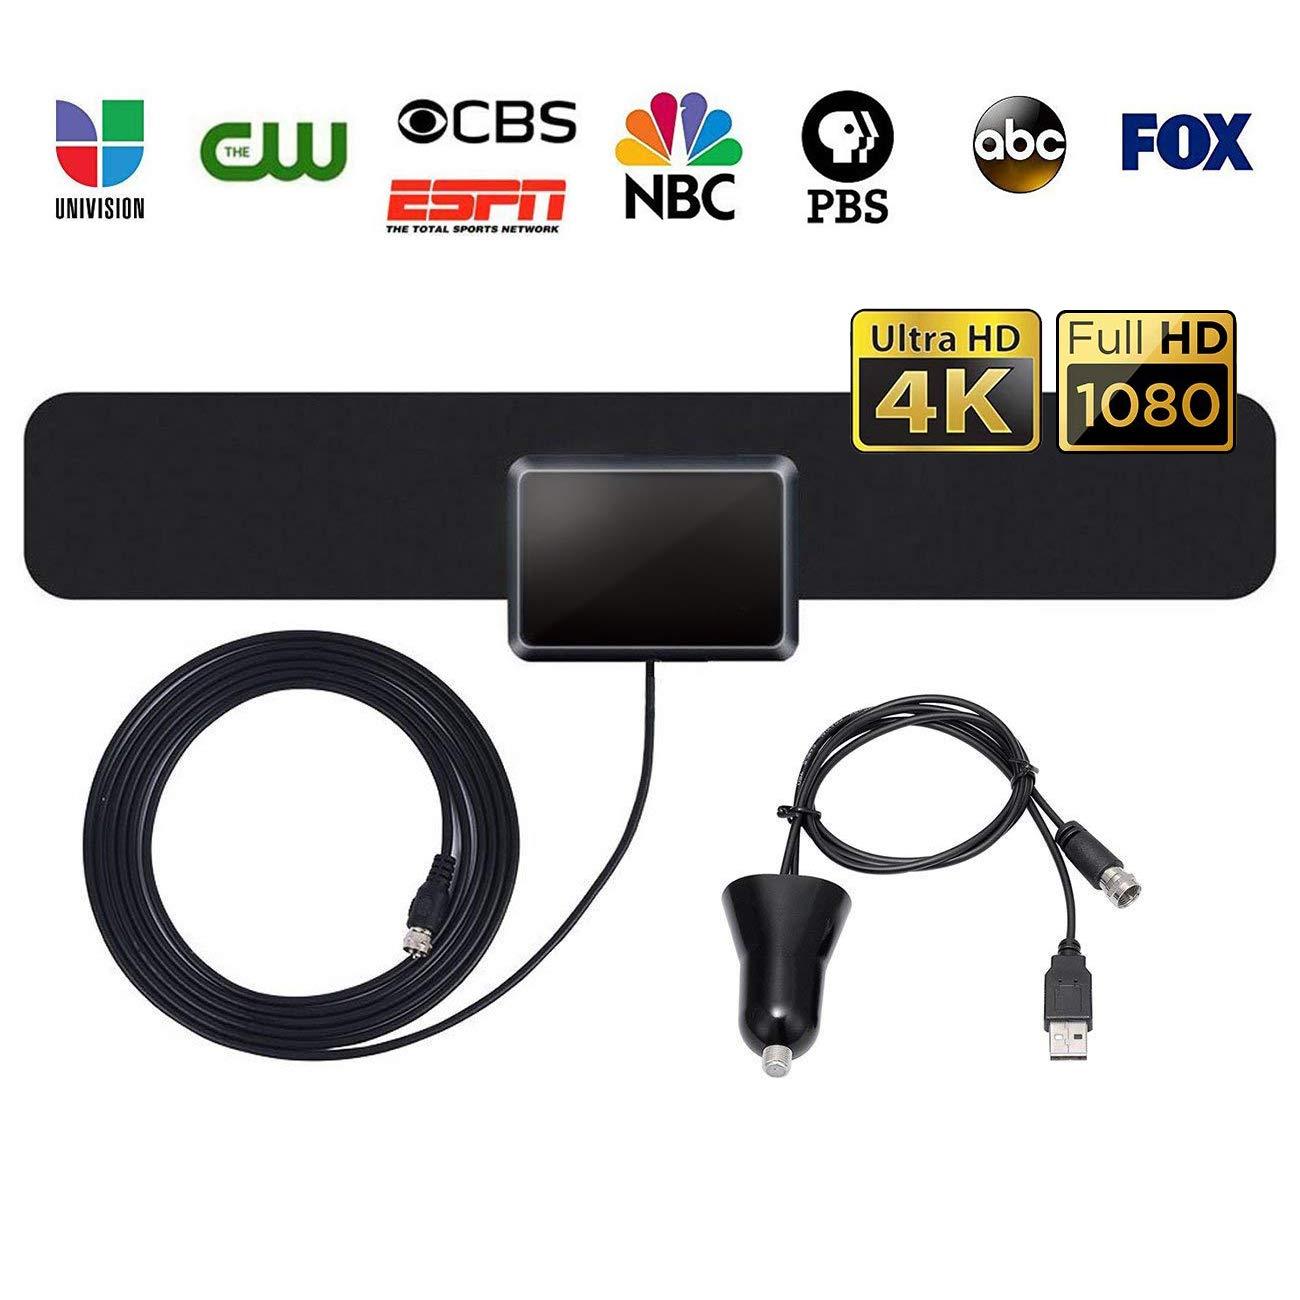 ベスト増幅50~90マイルテレビアンテナ – 2019年最新バージョン4K 1080P HD屋内デジタルテレビアンテナ 10フィート同軸ケーブル付き すべてのテレビ用   B07MYGJGGV